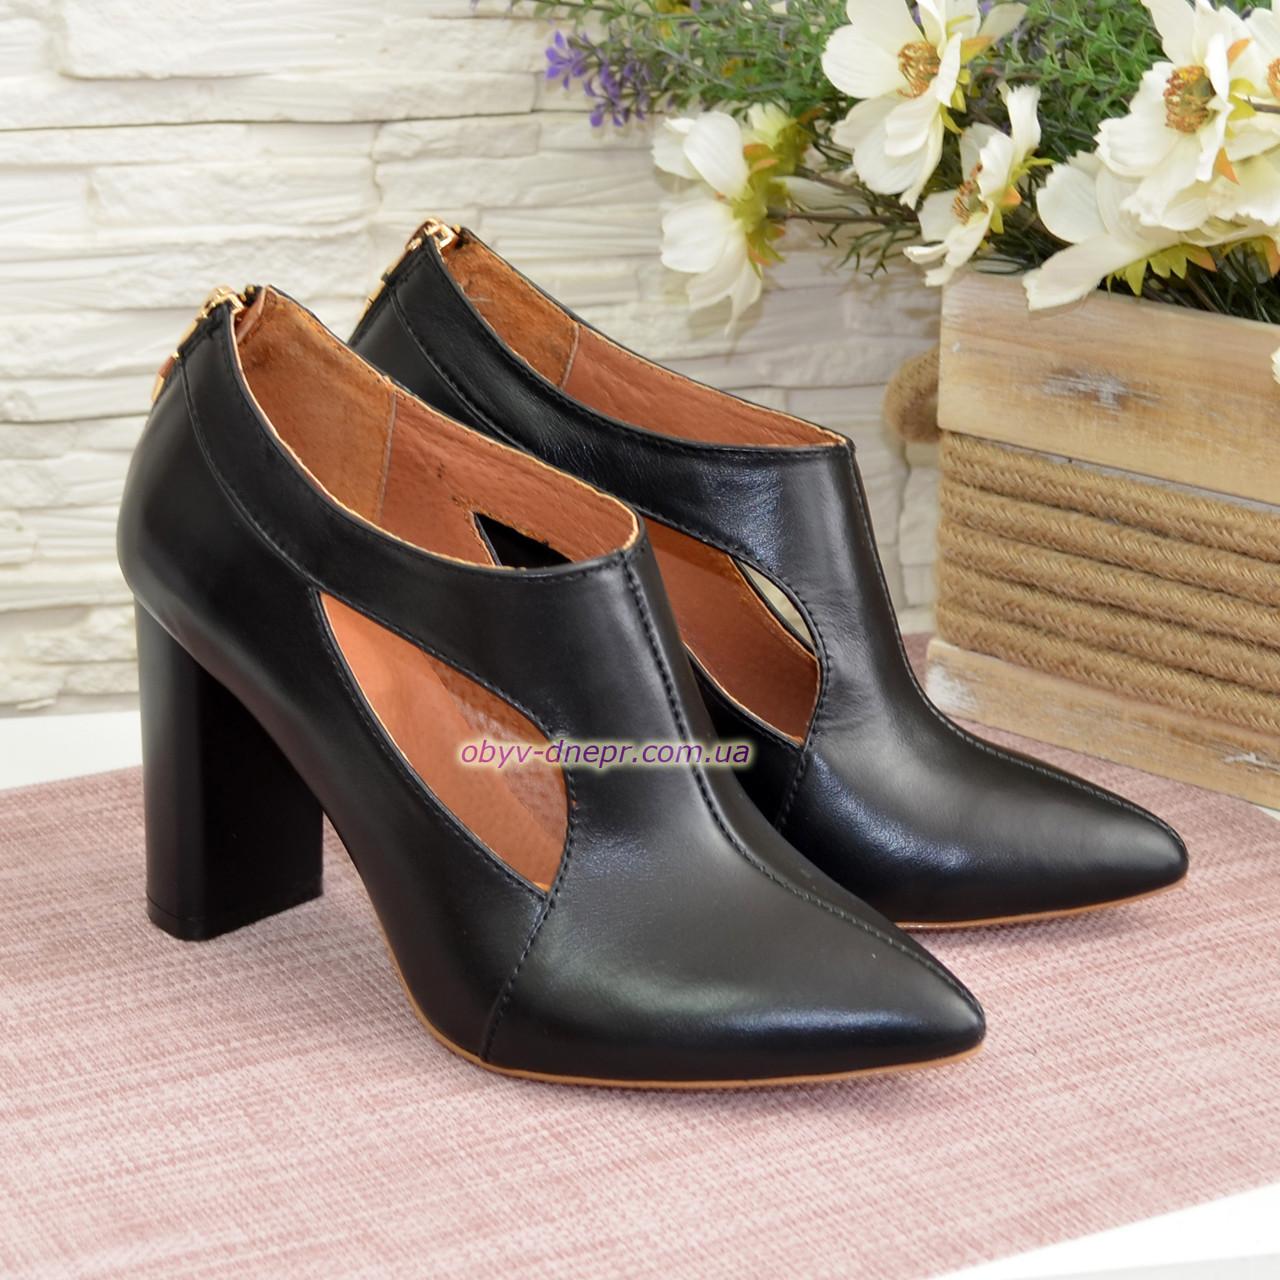 Ботильоны закрытые кожаные женские на устойчивом каблуке, цвет черный